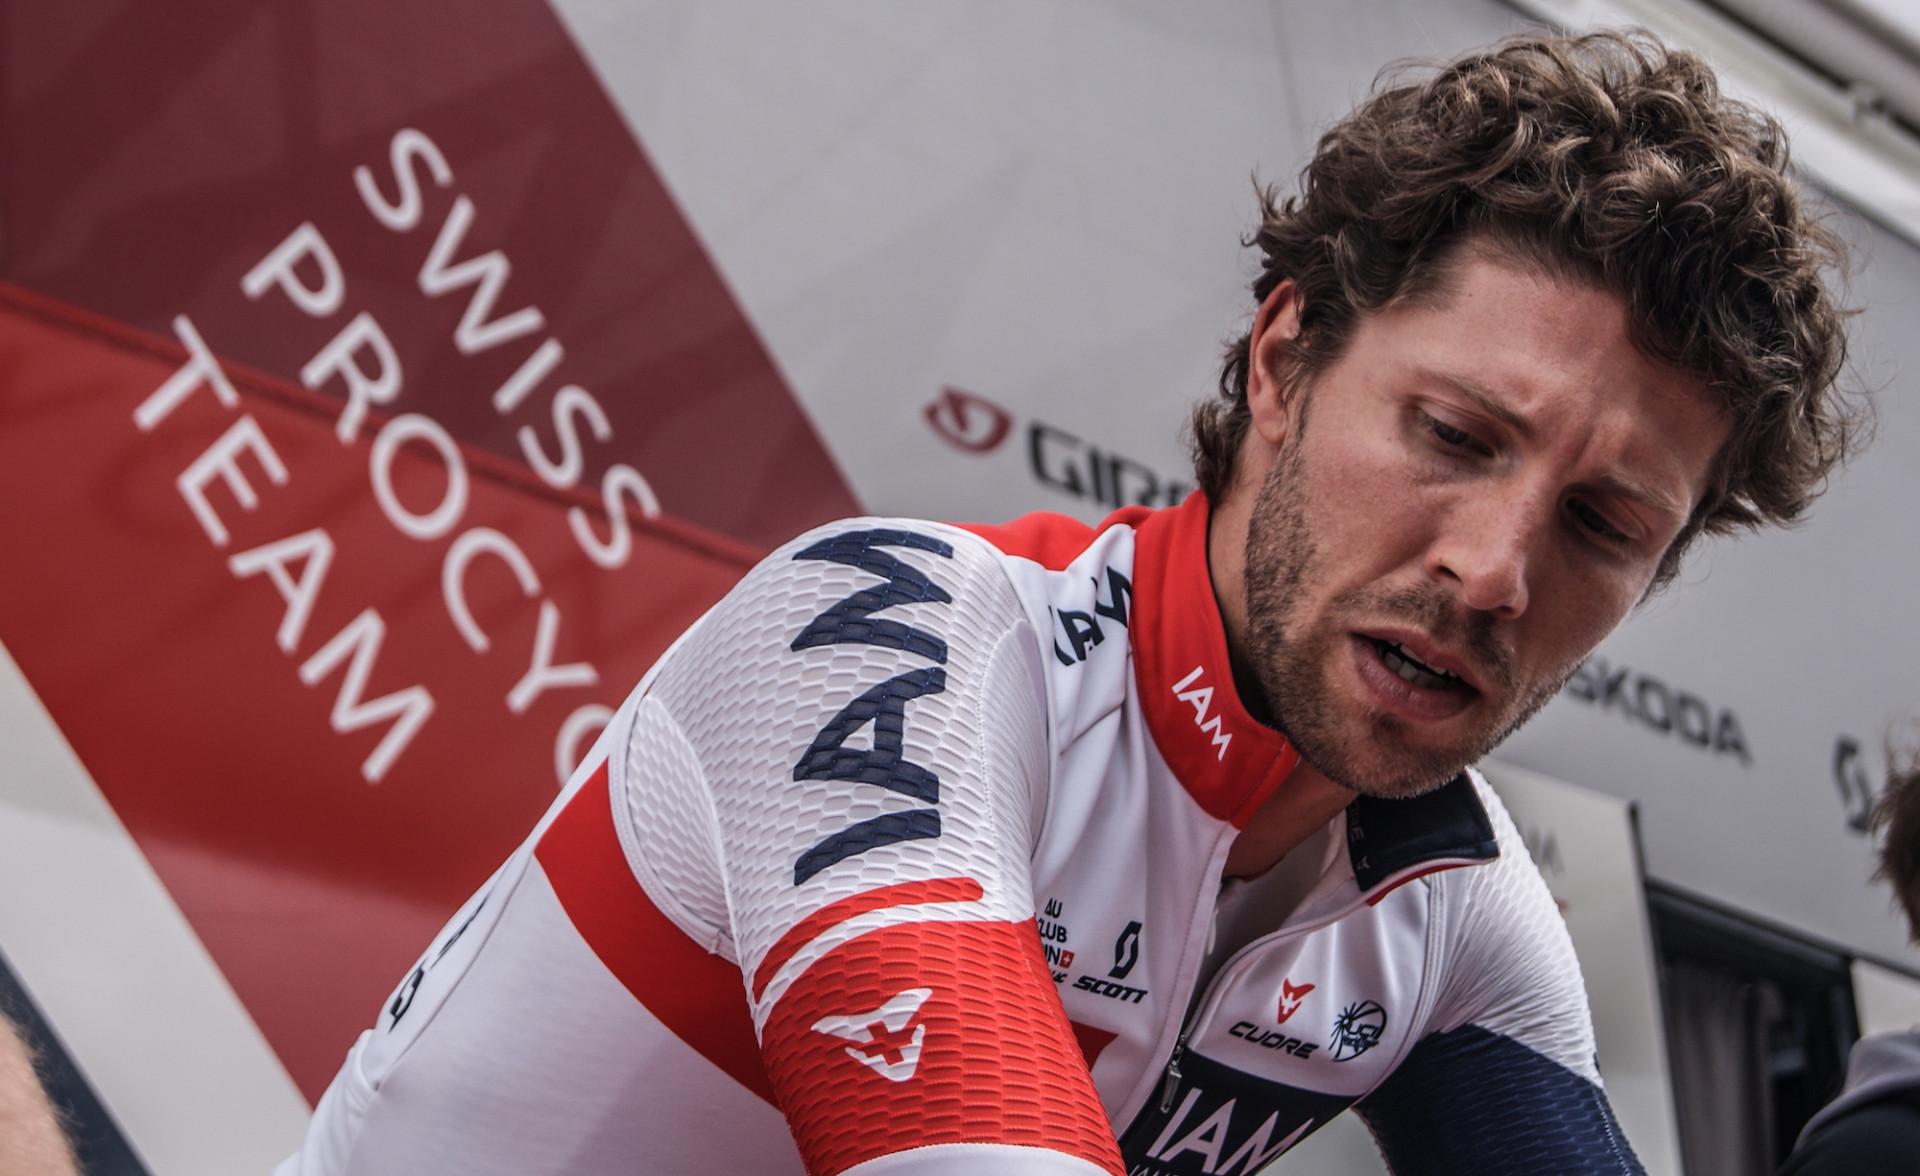 Tour de Wallonie, 1. Etappe – Jonas Van Genechten «Klar hätte ich gerne gewonnen»